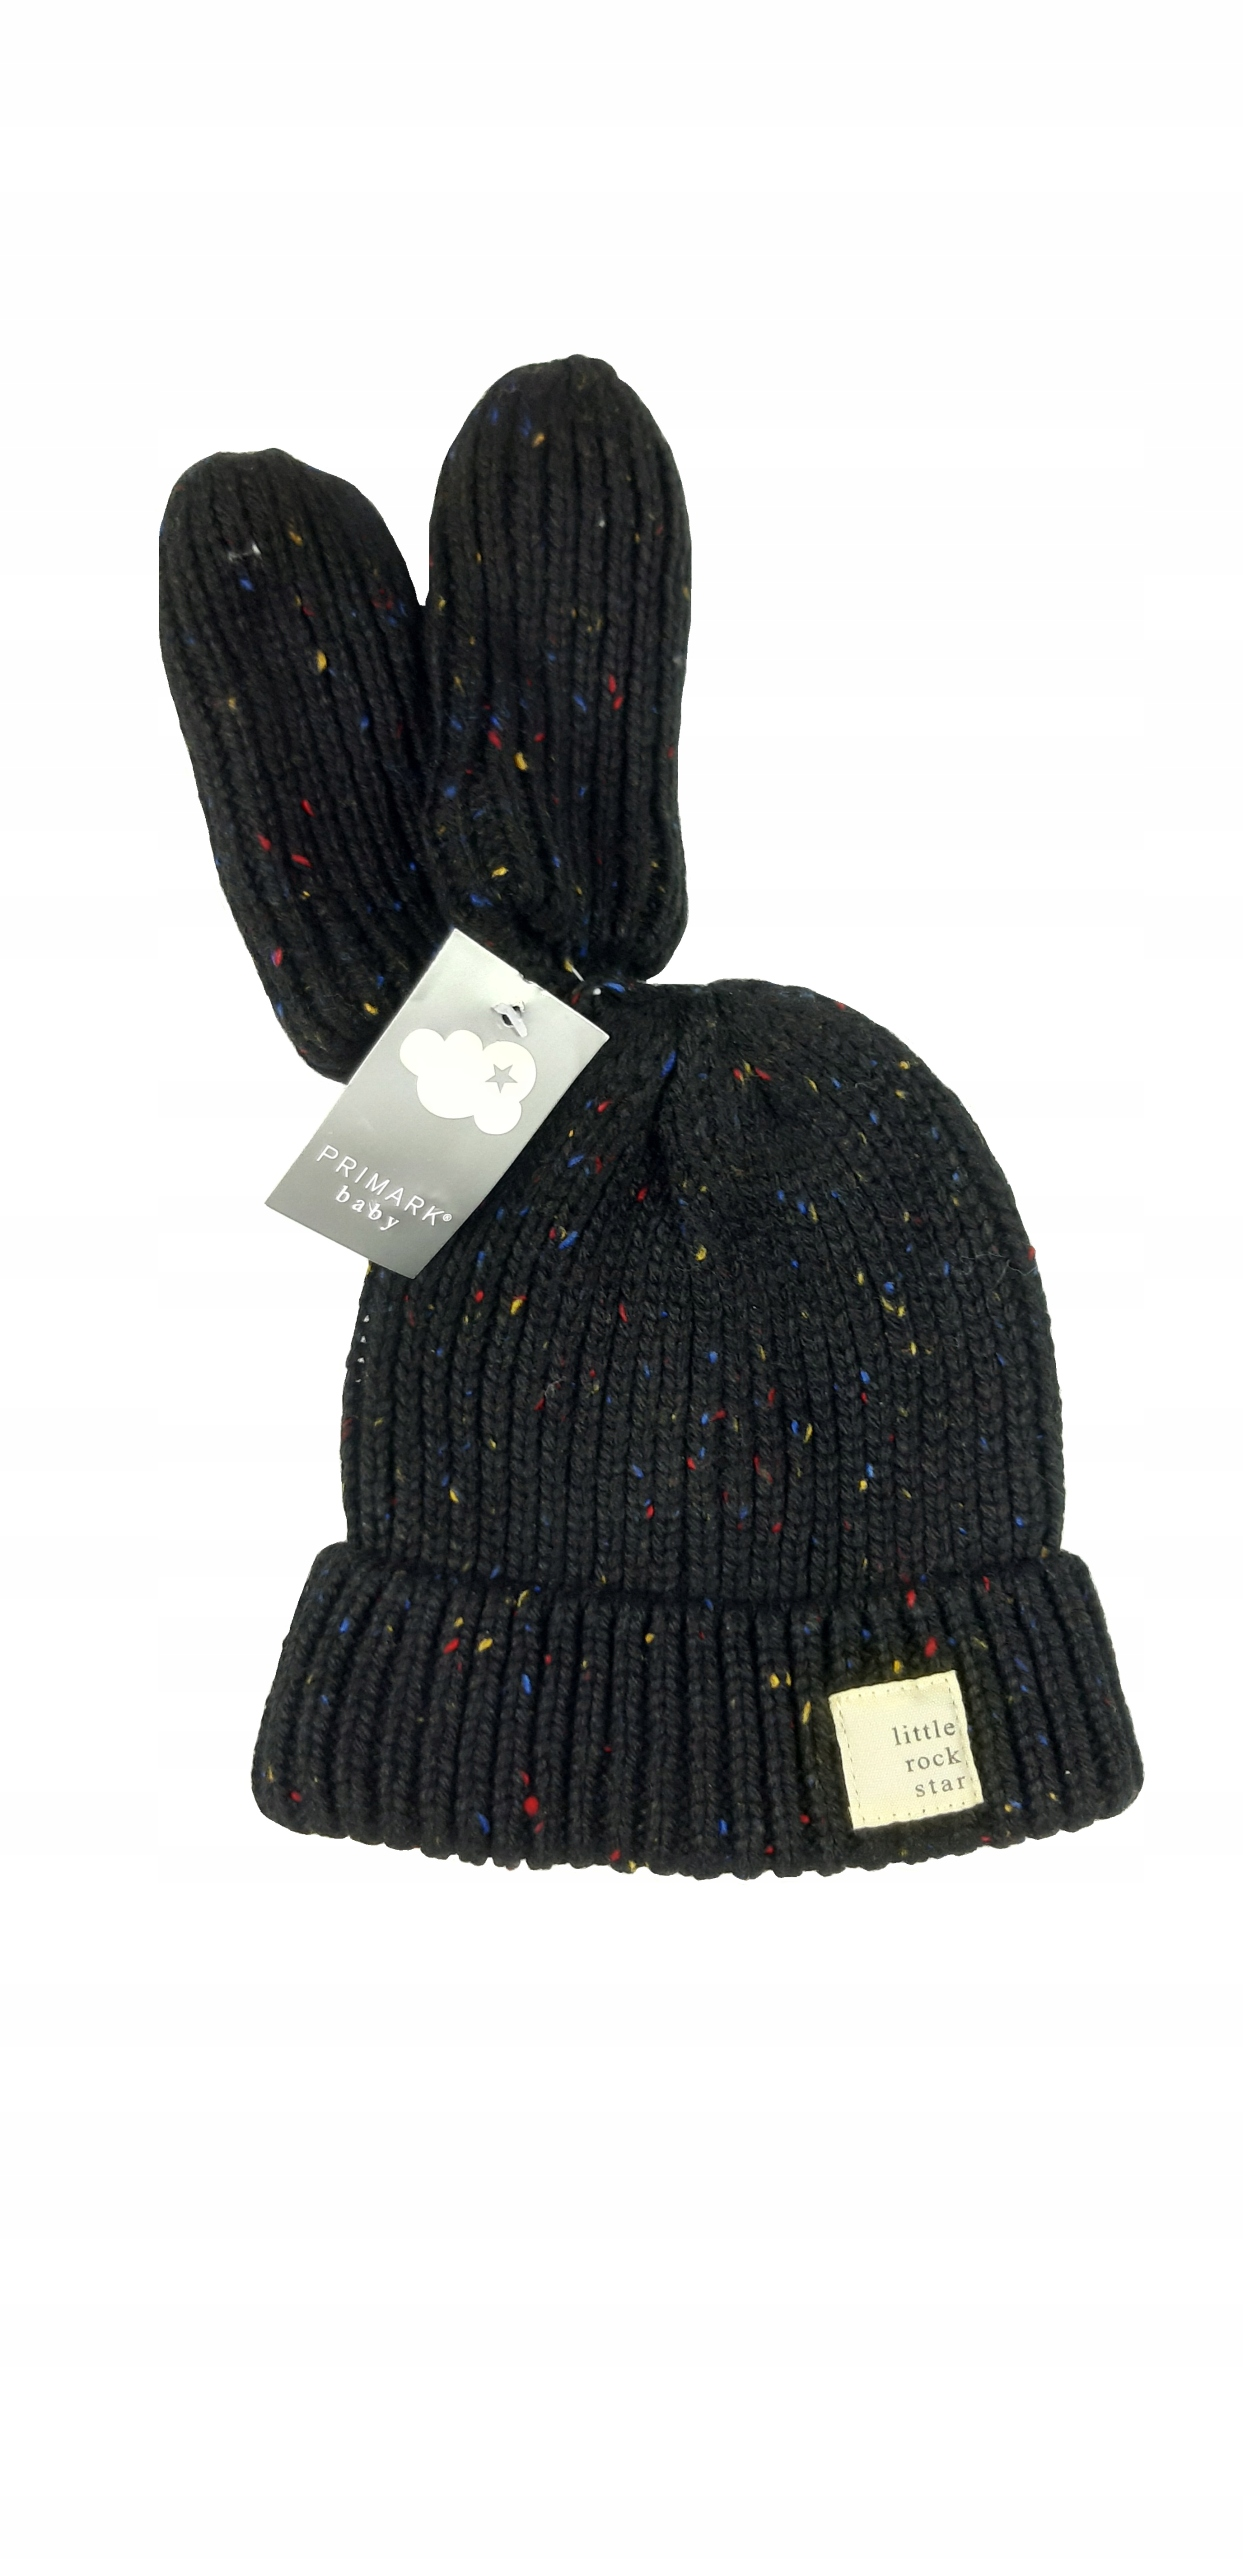 Rebel komplet 12 - 24 m-ce czapka + rękawiczki